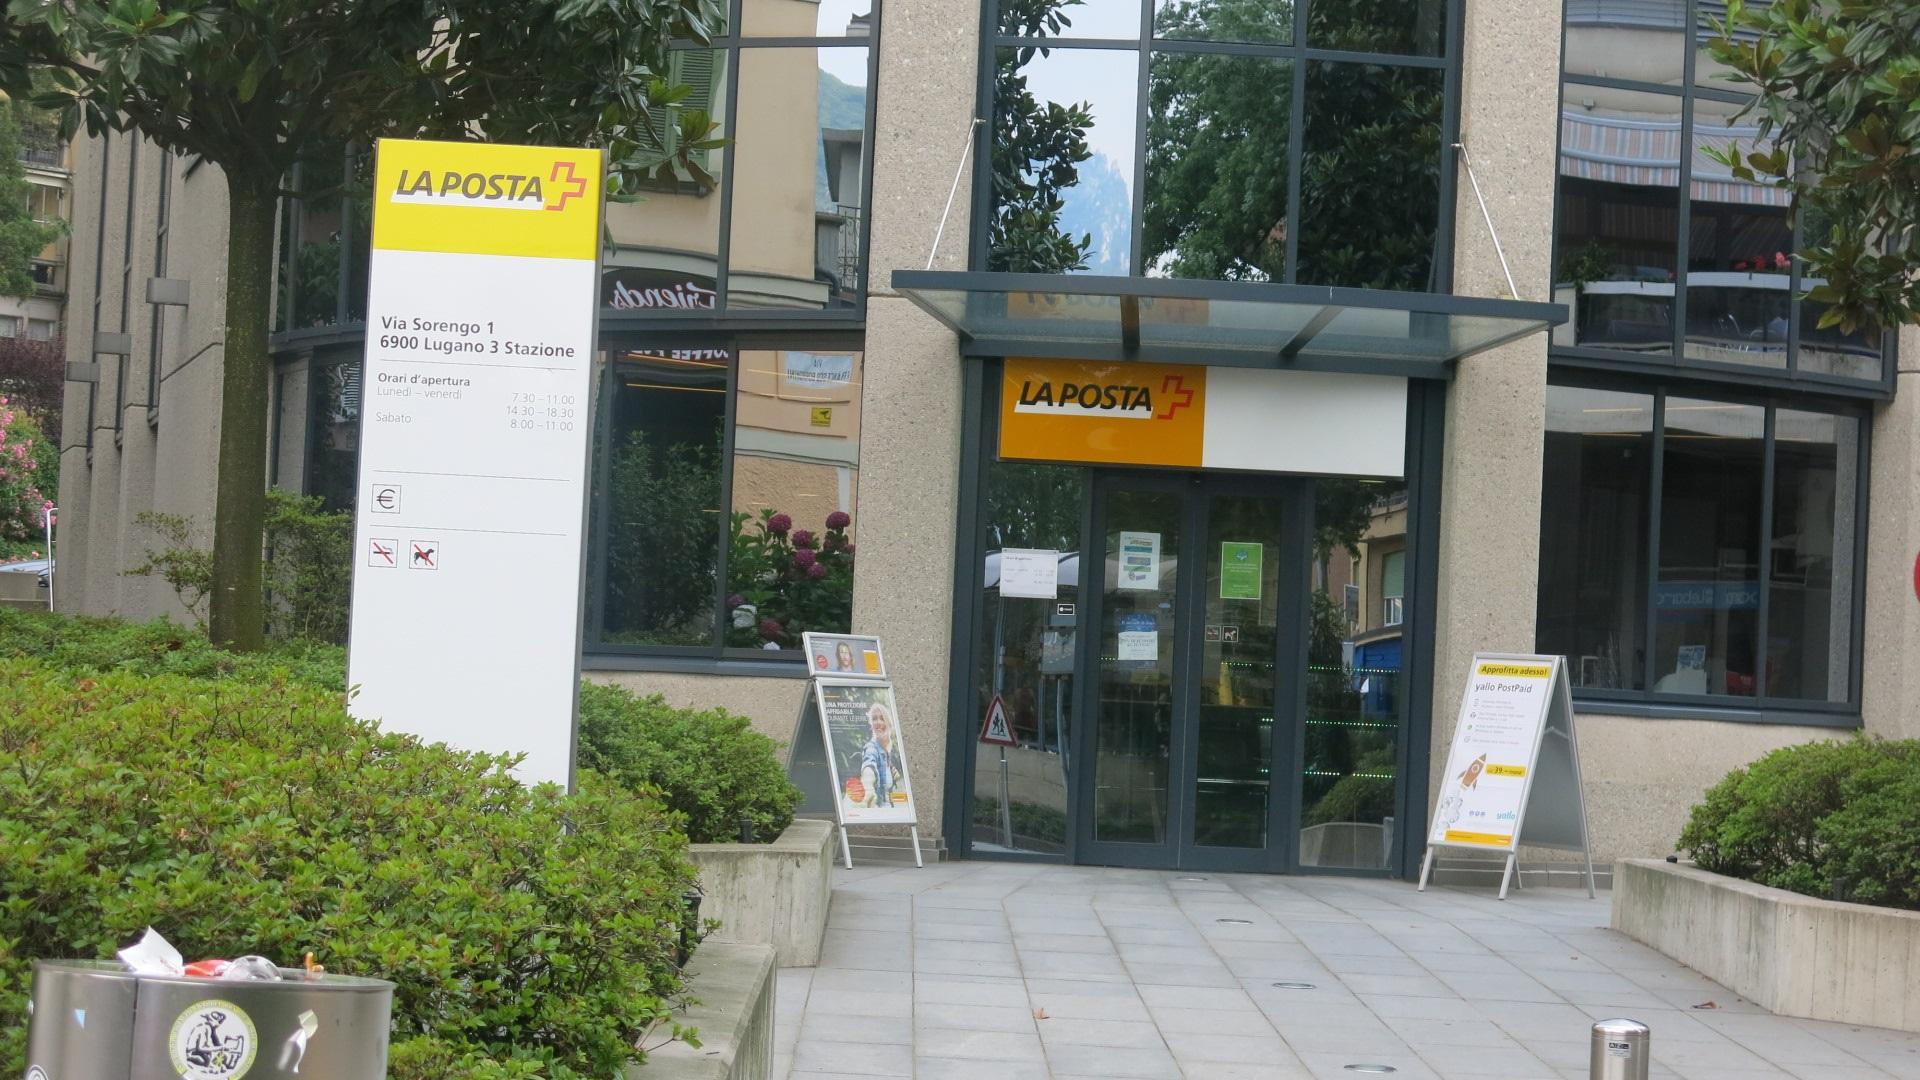 Ufficio Stranieri A Lugano : Chiusura dellufficio postale di besso: unaltra u201cpicconatau201d al